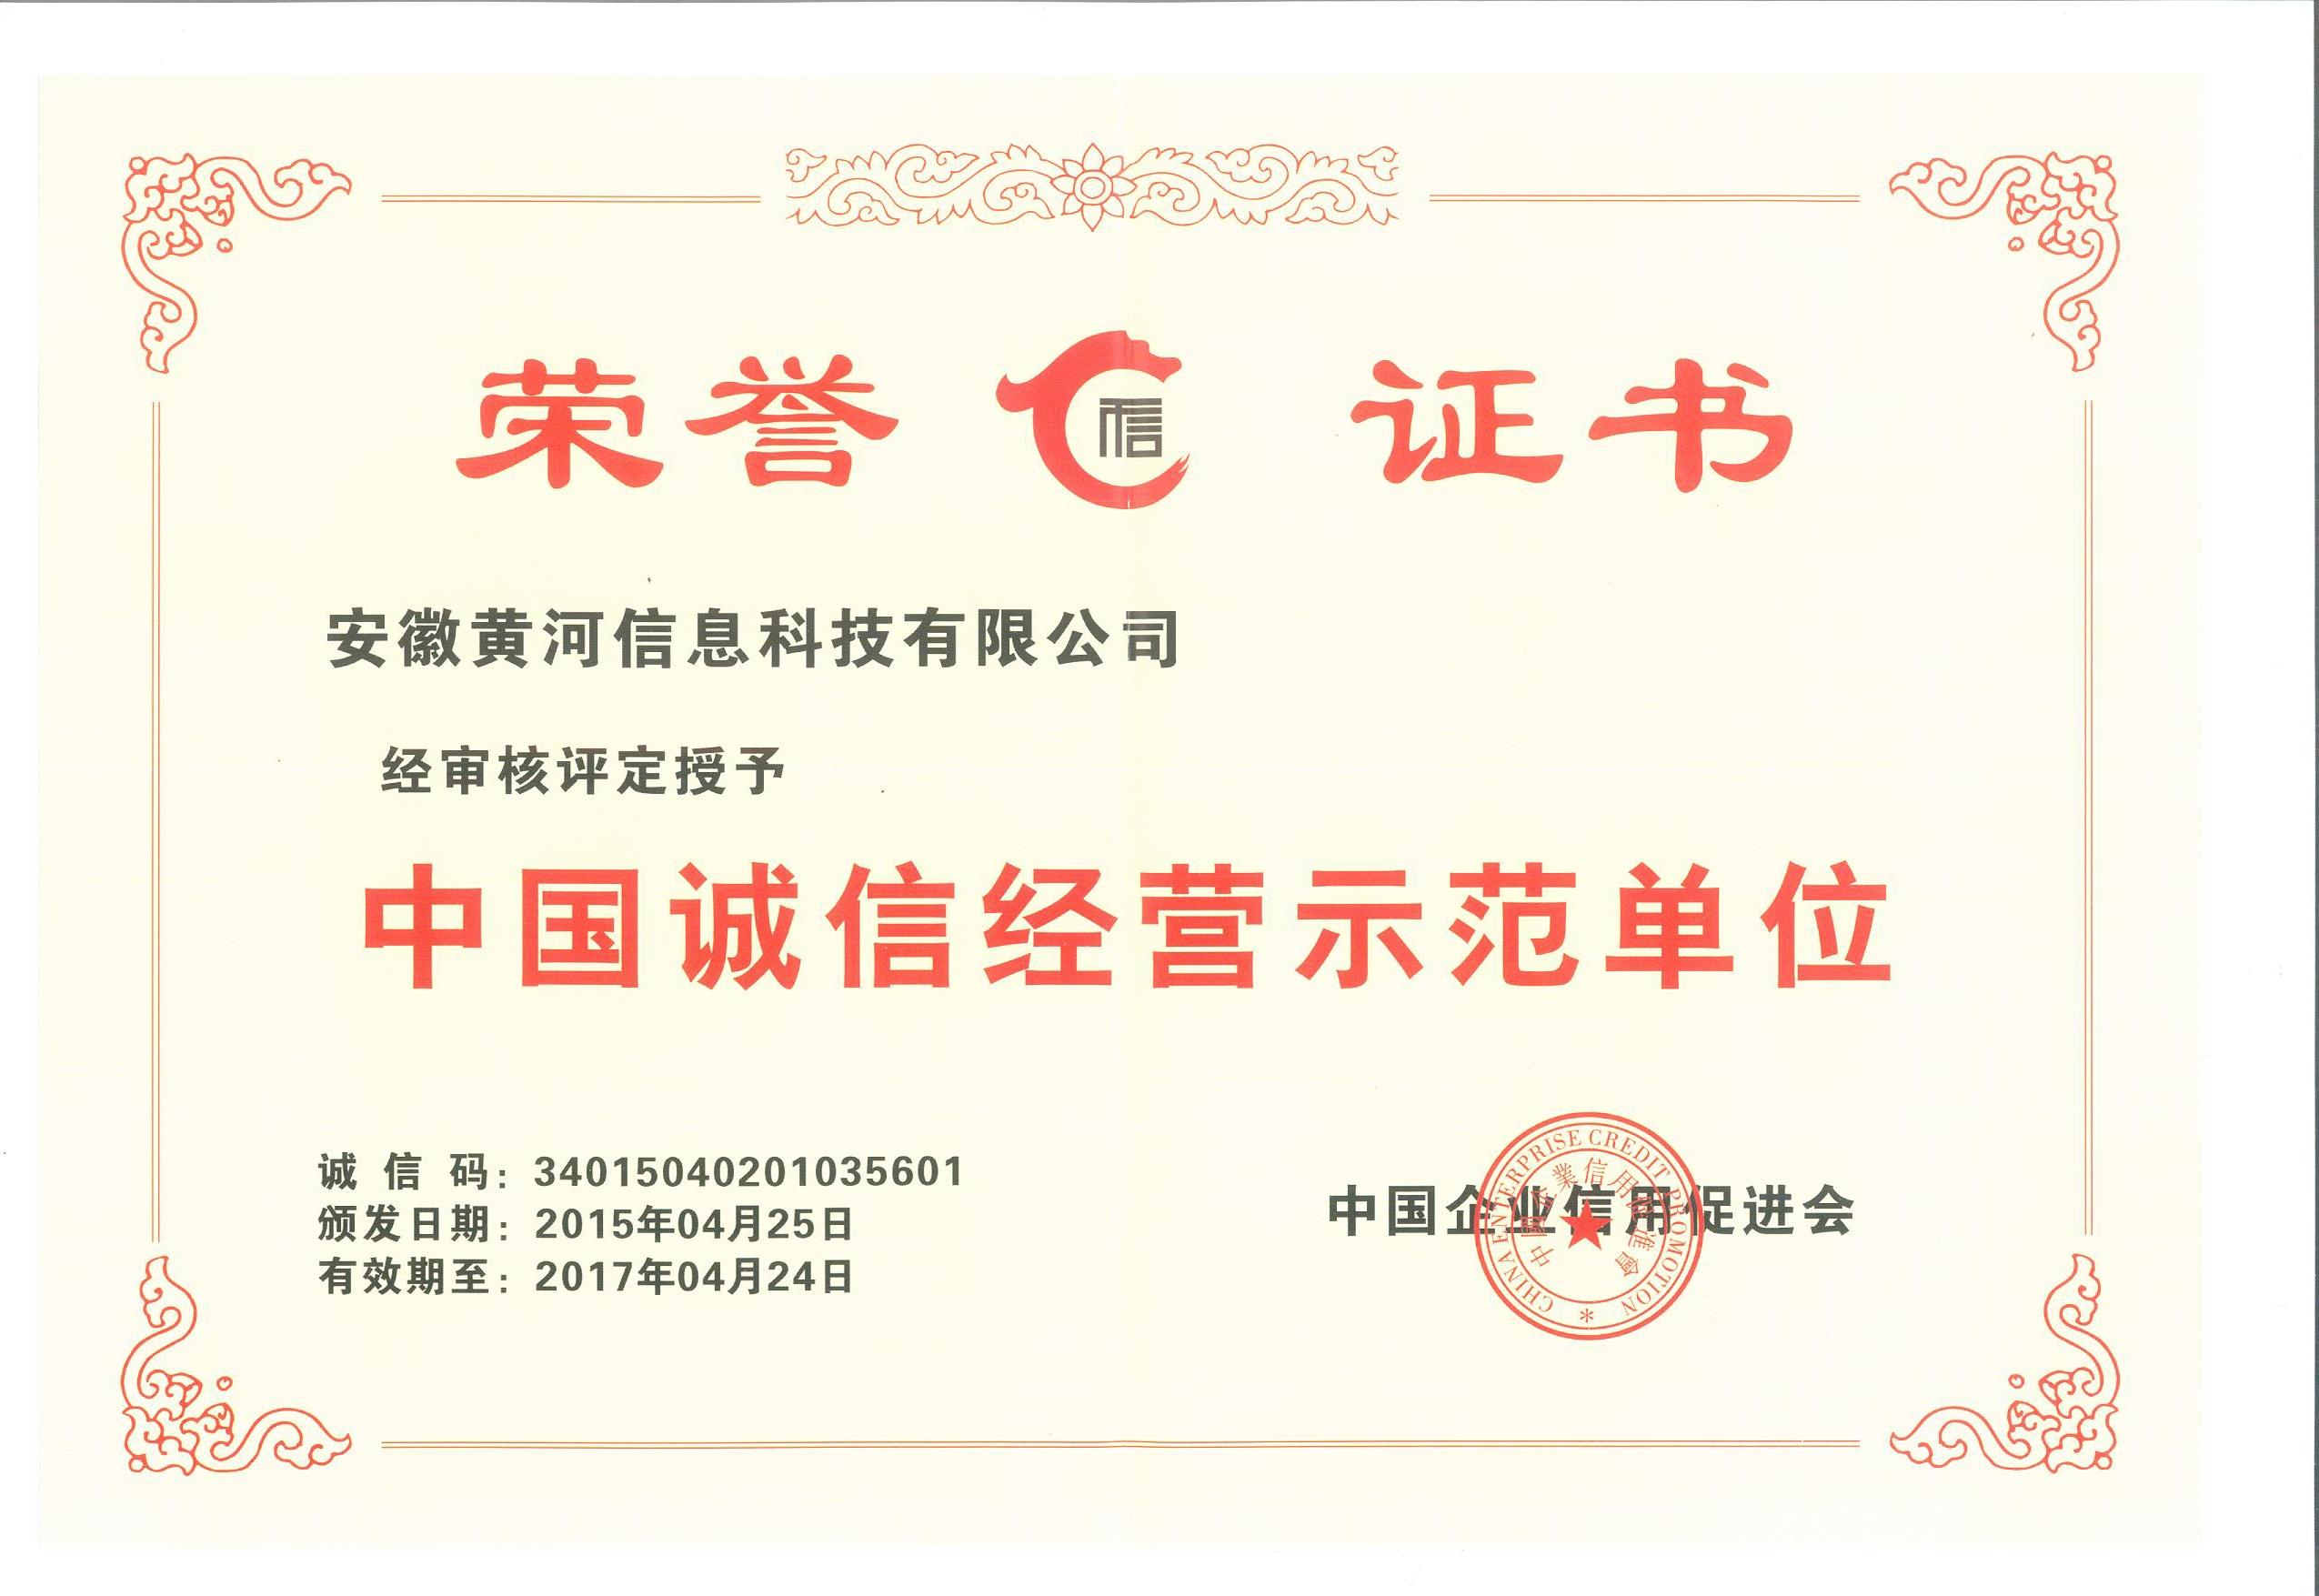 中國誠信經營示范單位榮譽證書